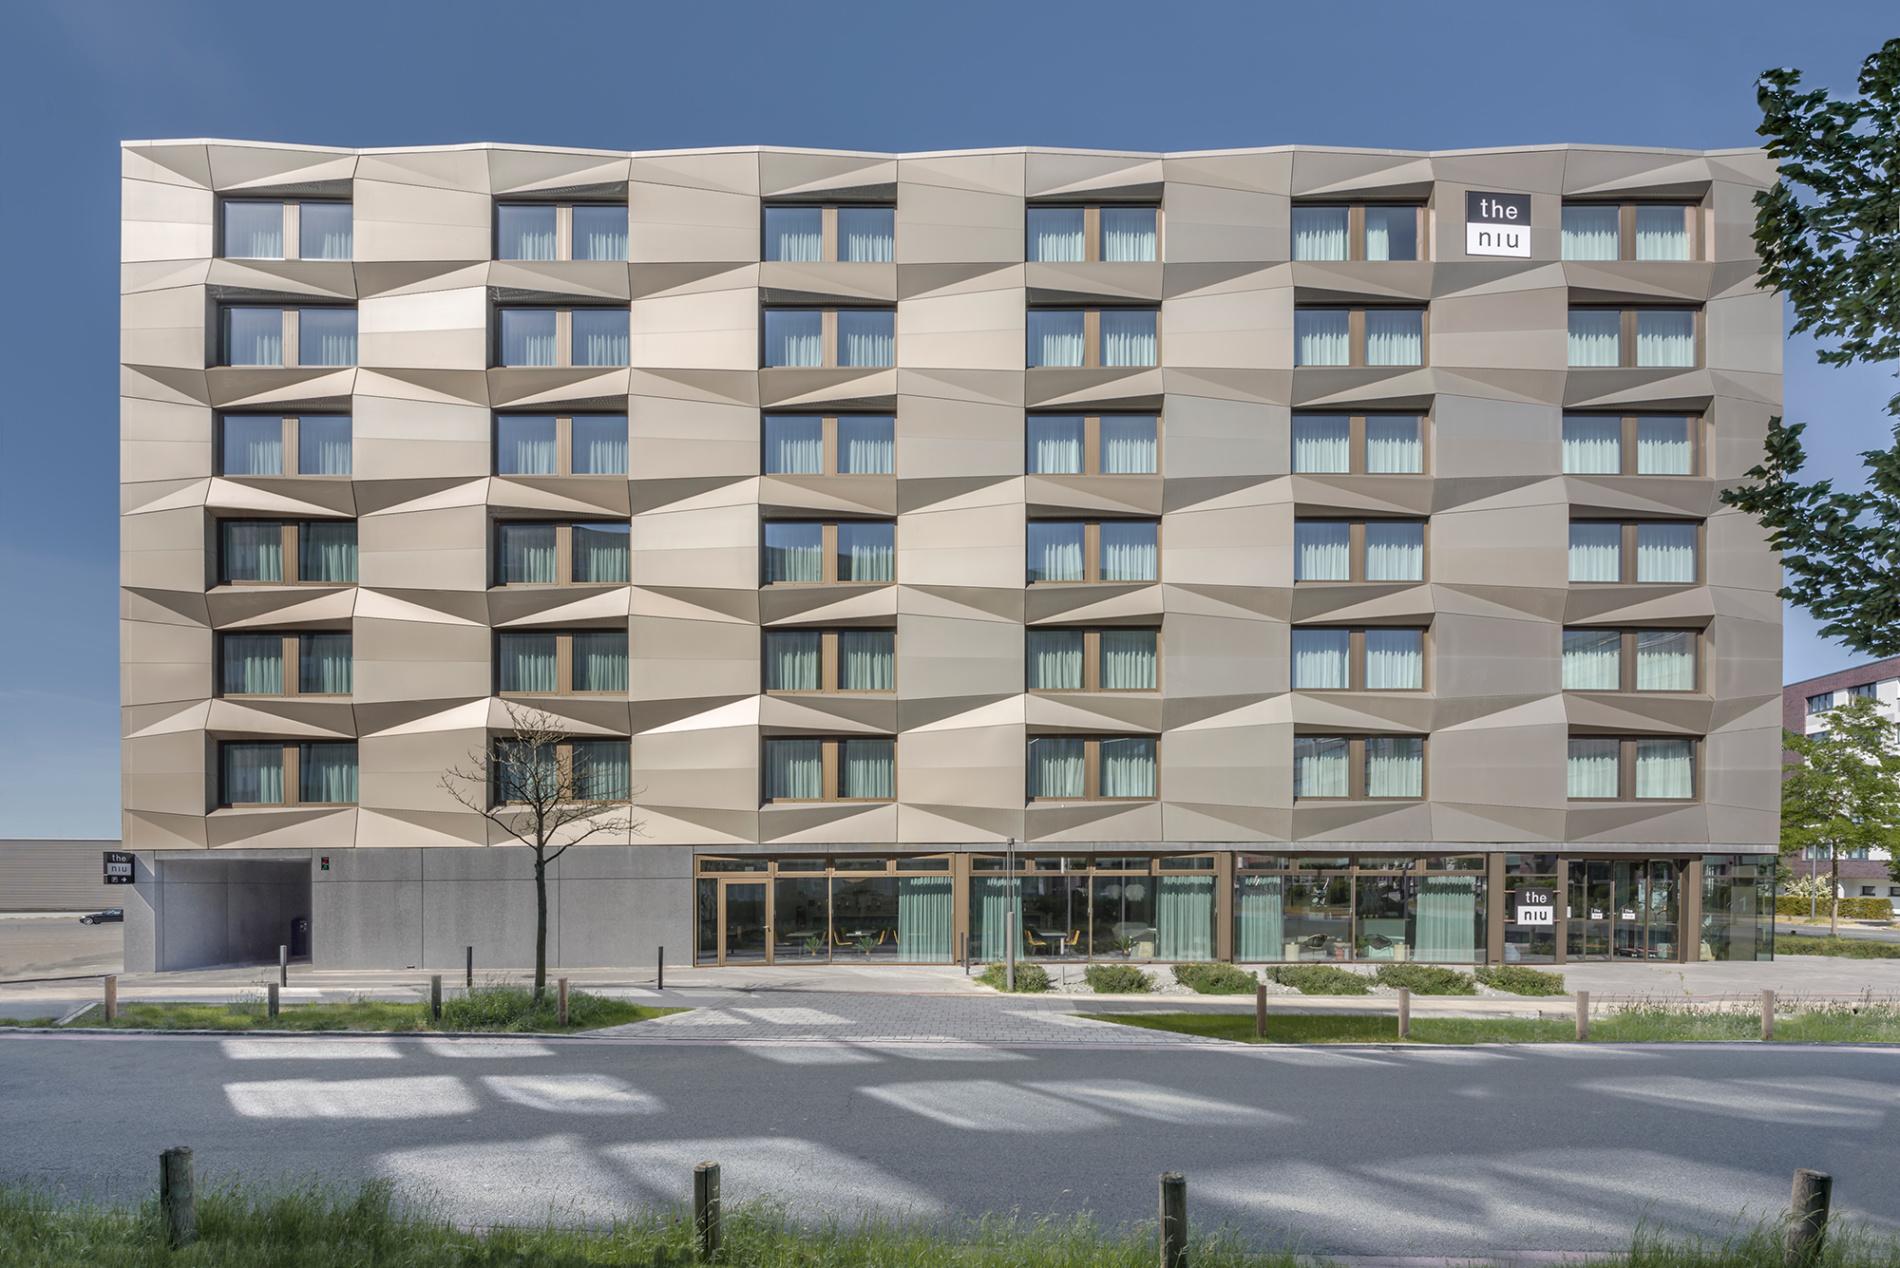 THE NIU HOTEL